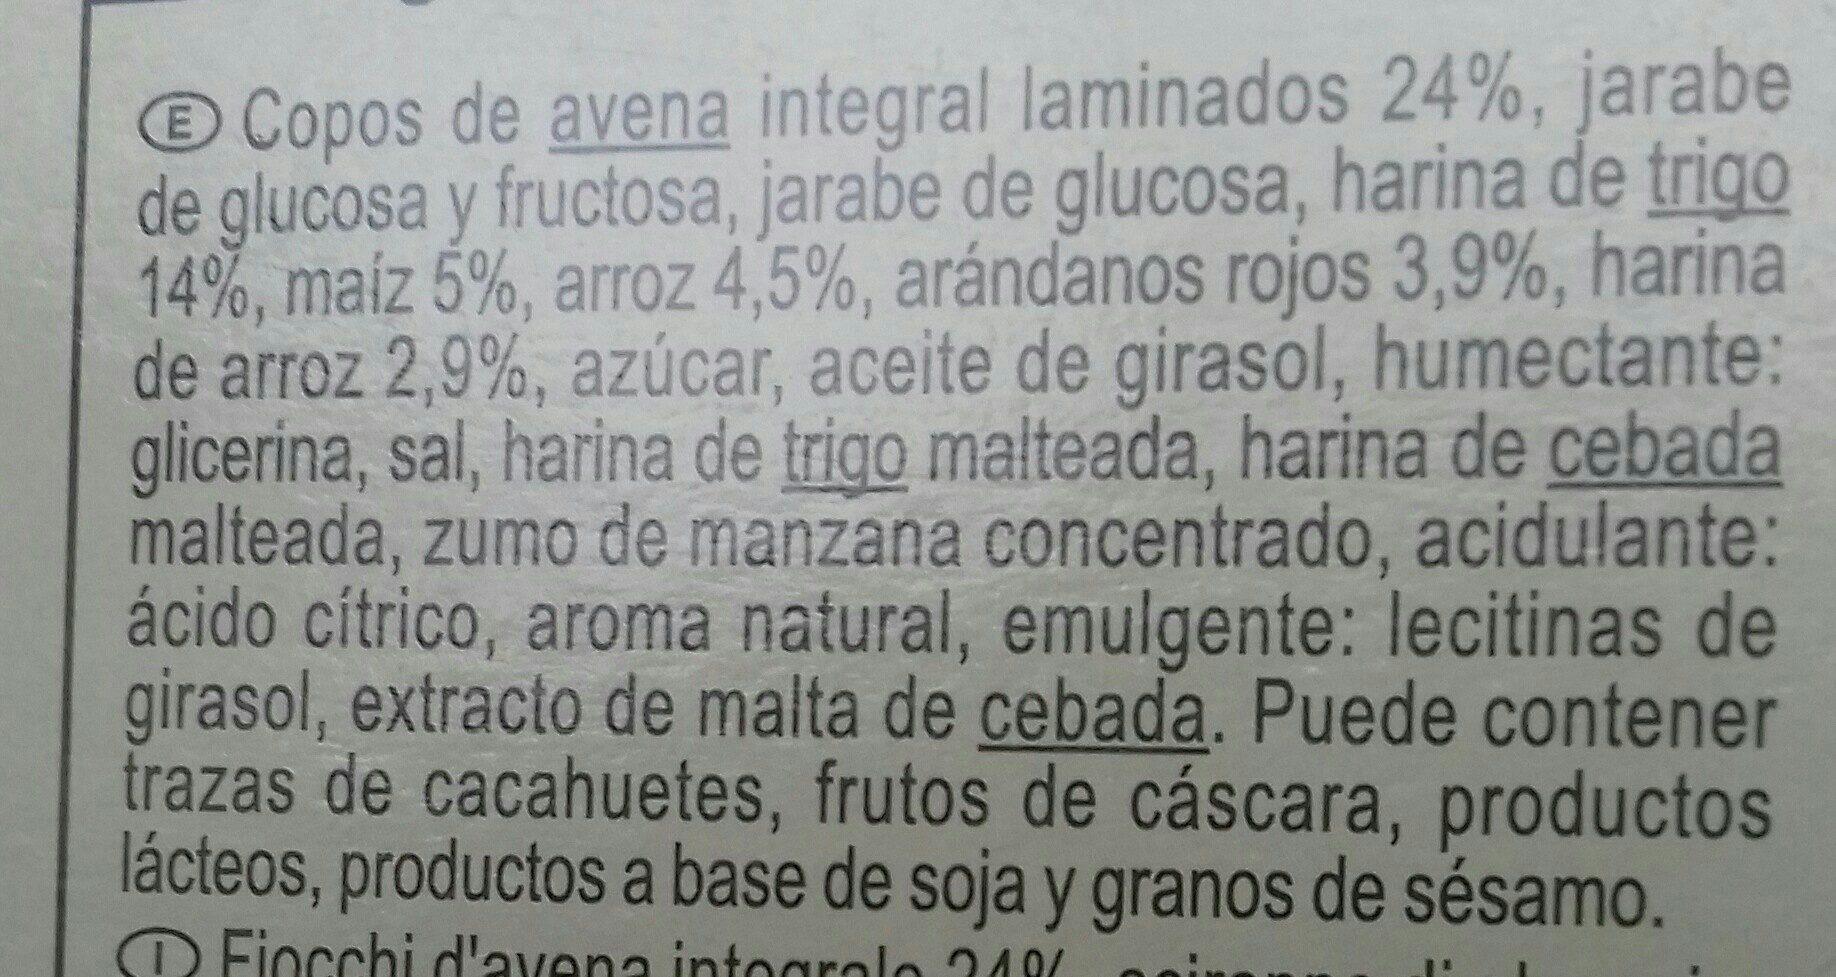 Barritas de cereales Arándanos rojos - Ingredientes